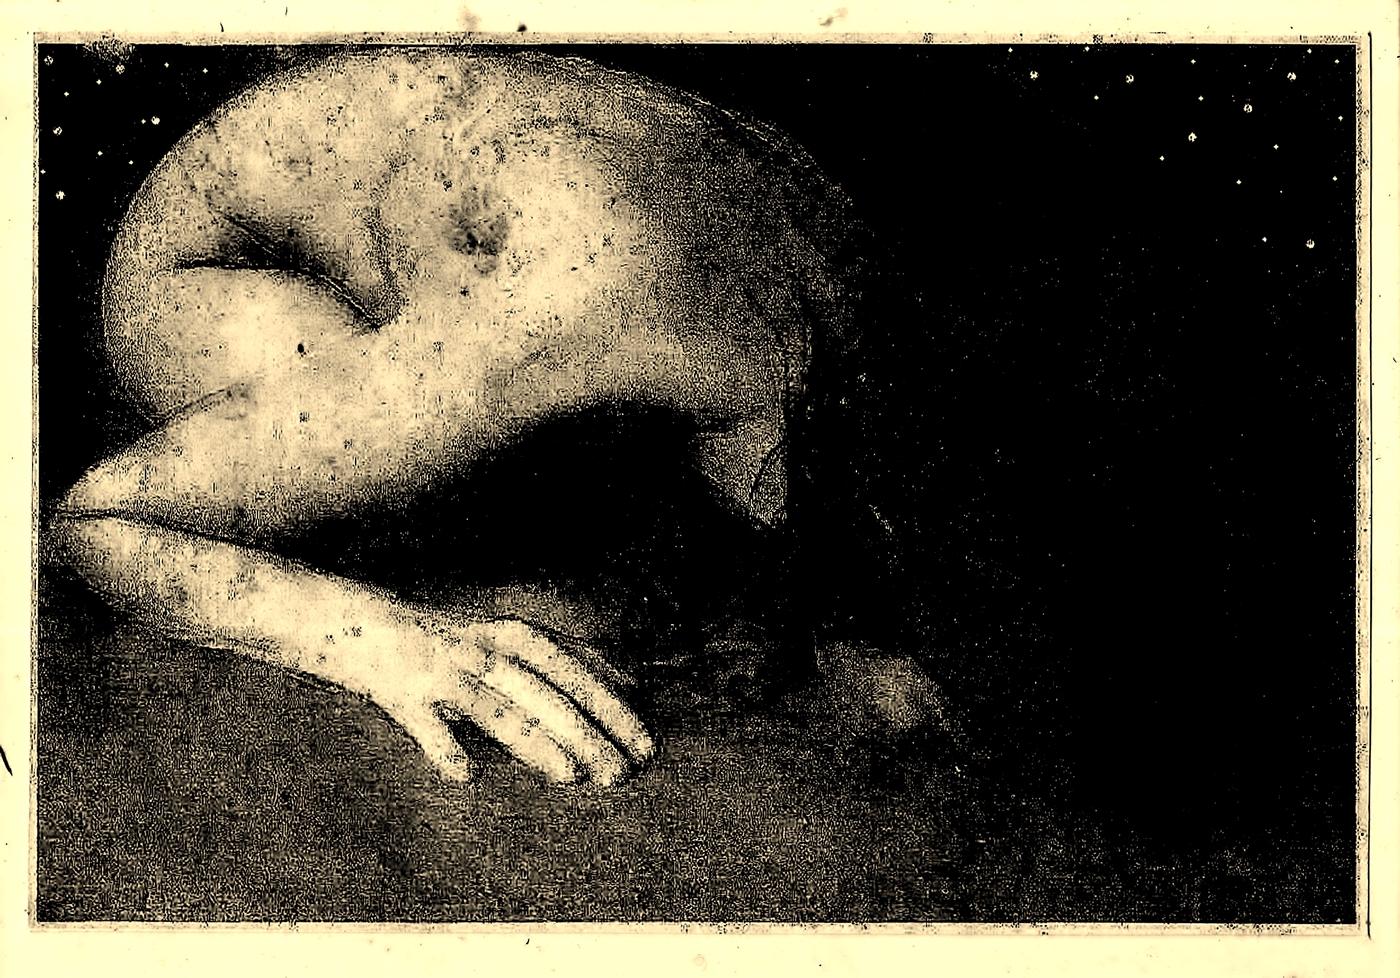 olivia weiss stars river woman